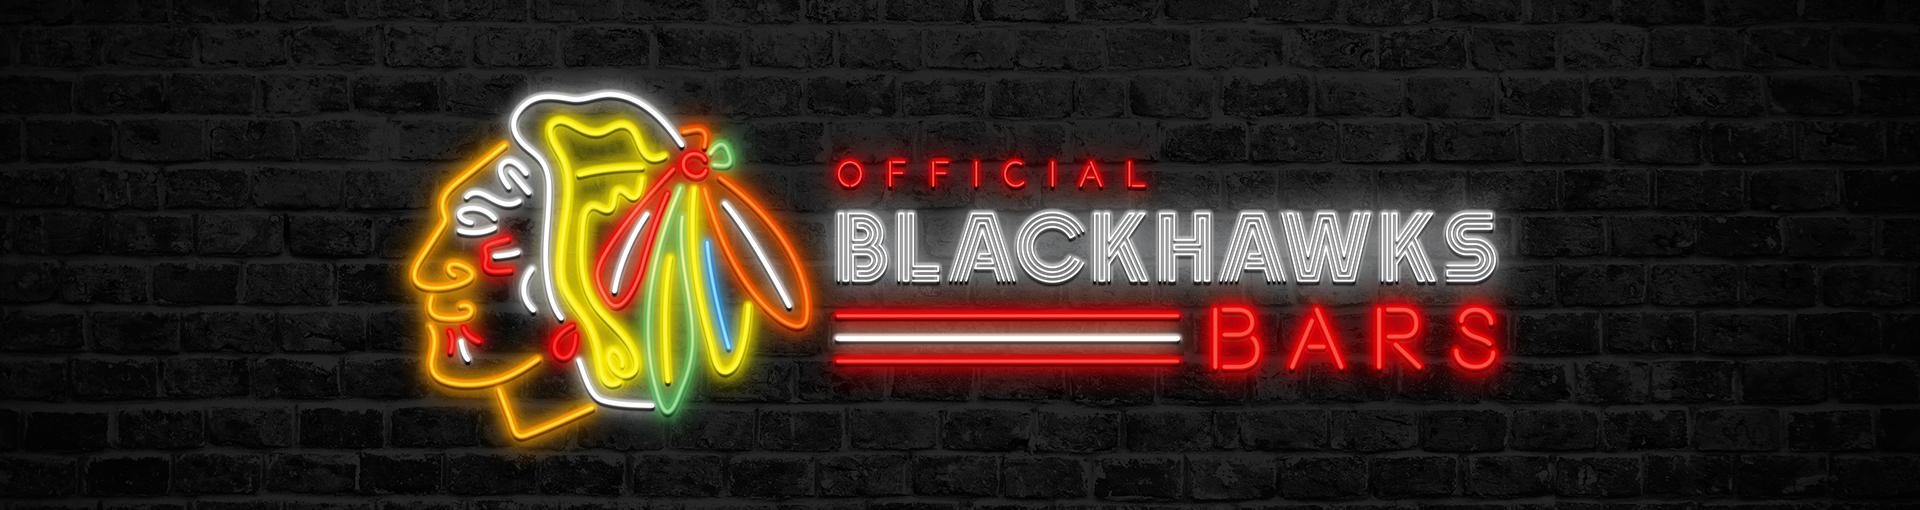 http://www.champslakegeneva.com/wp-content/uploads/2018/01/official-blackhawks-bars-16x9-1.jpg